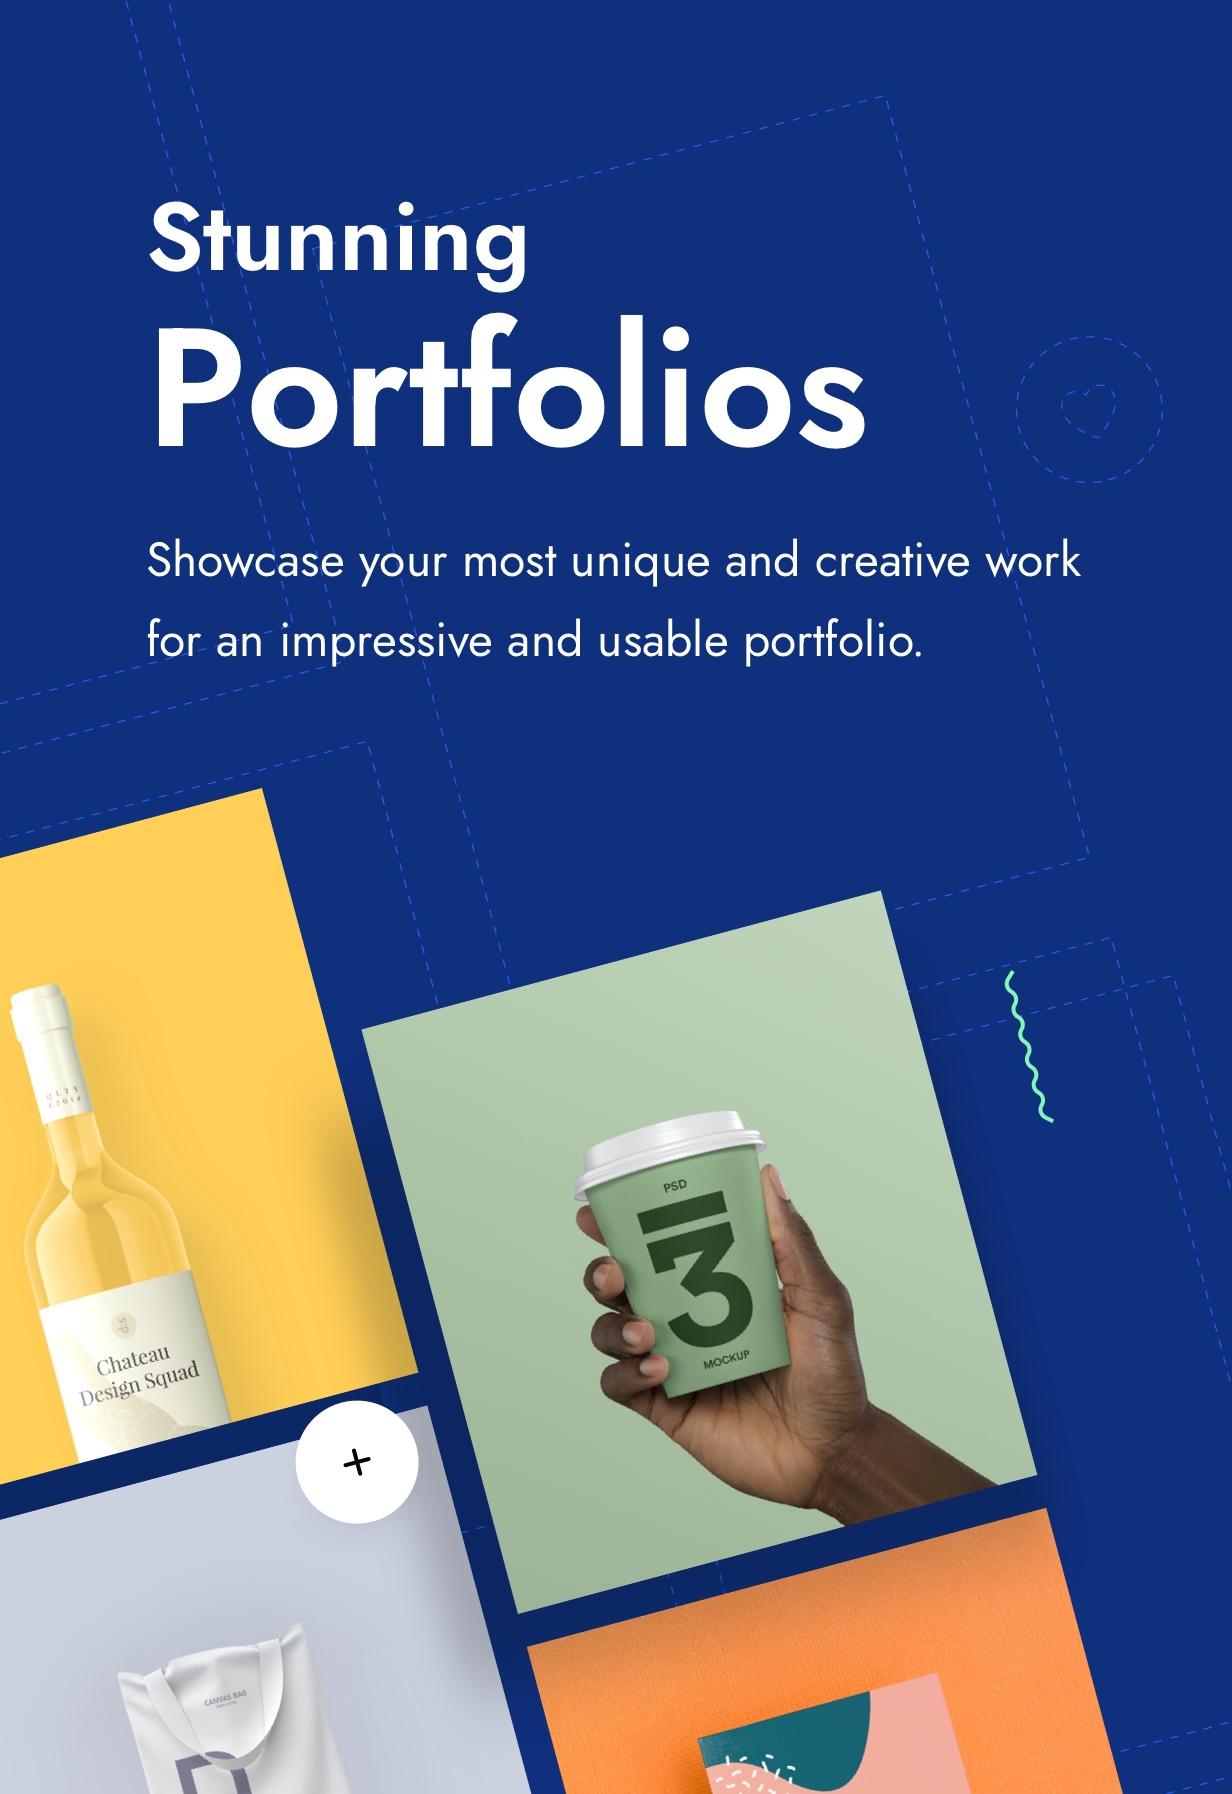 Impeka Premium Multipurpose WordPress theme by Greatives to showcase your portfolio